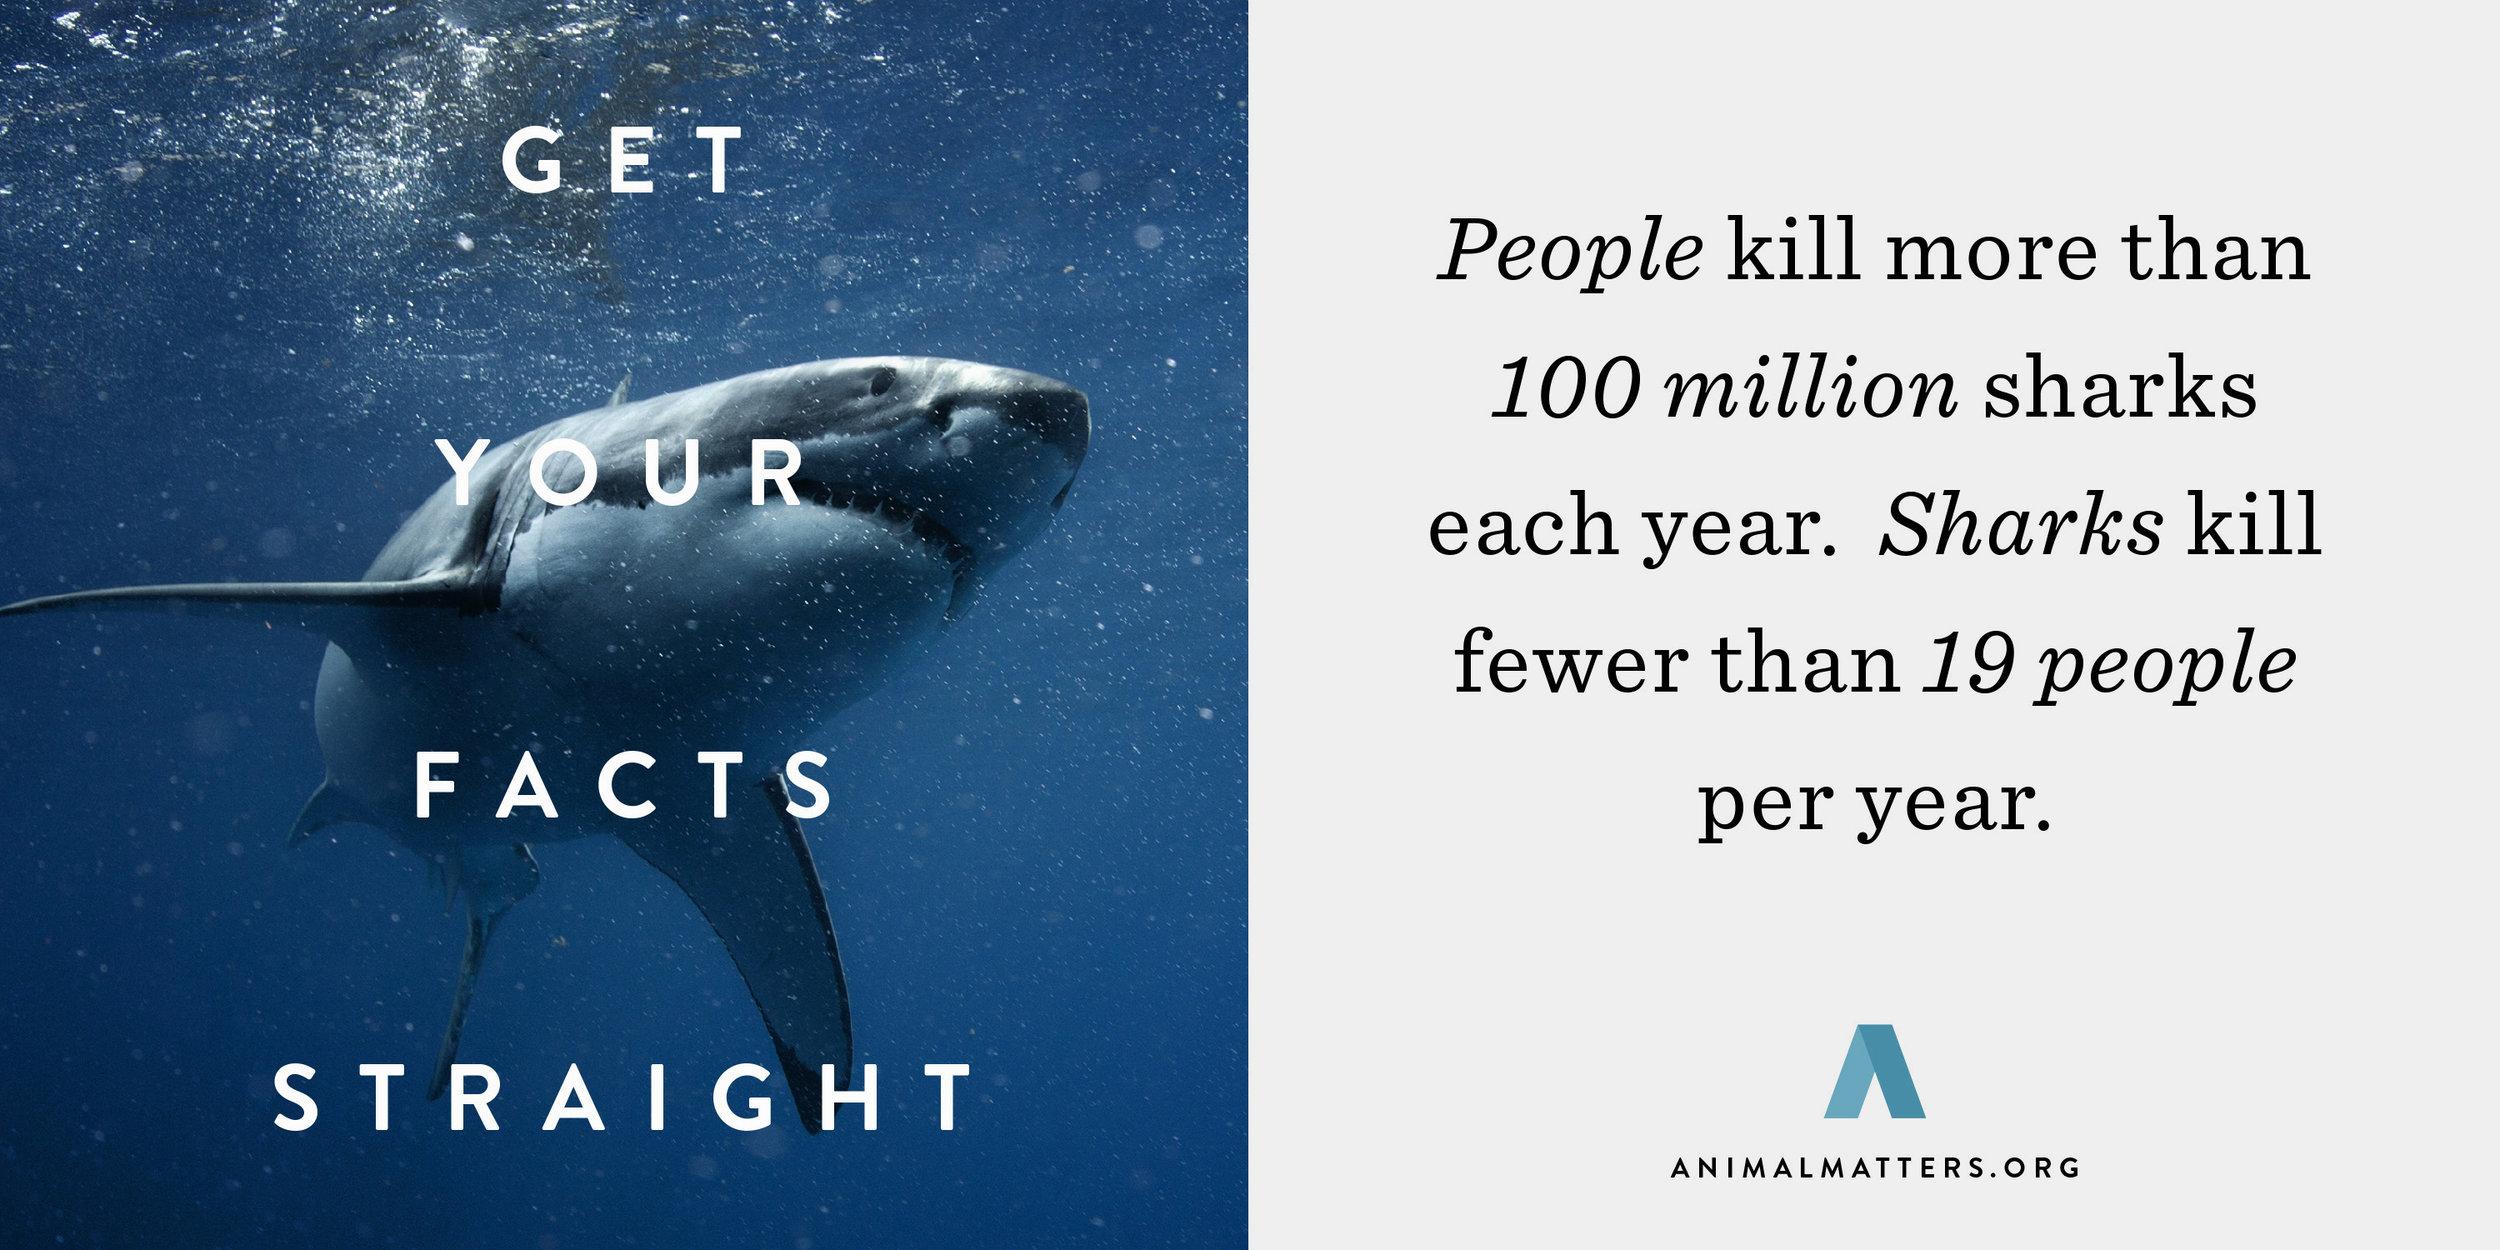 Animal-Matters-Shark-Attack-Fact.jpg